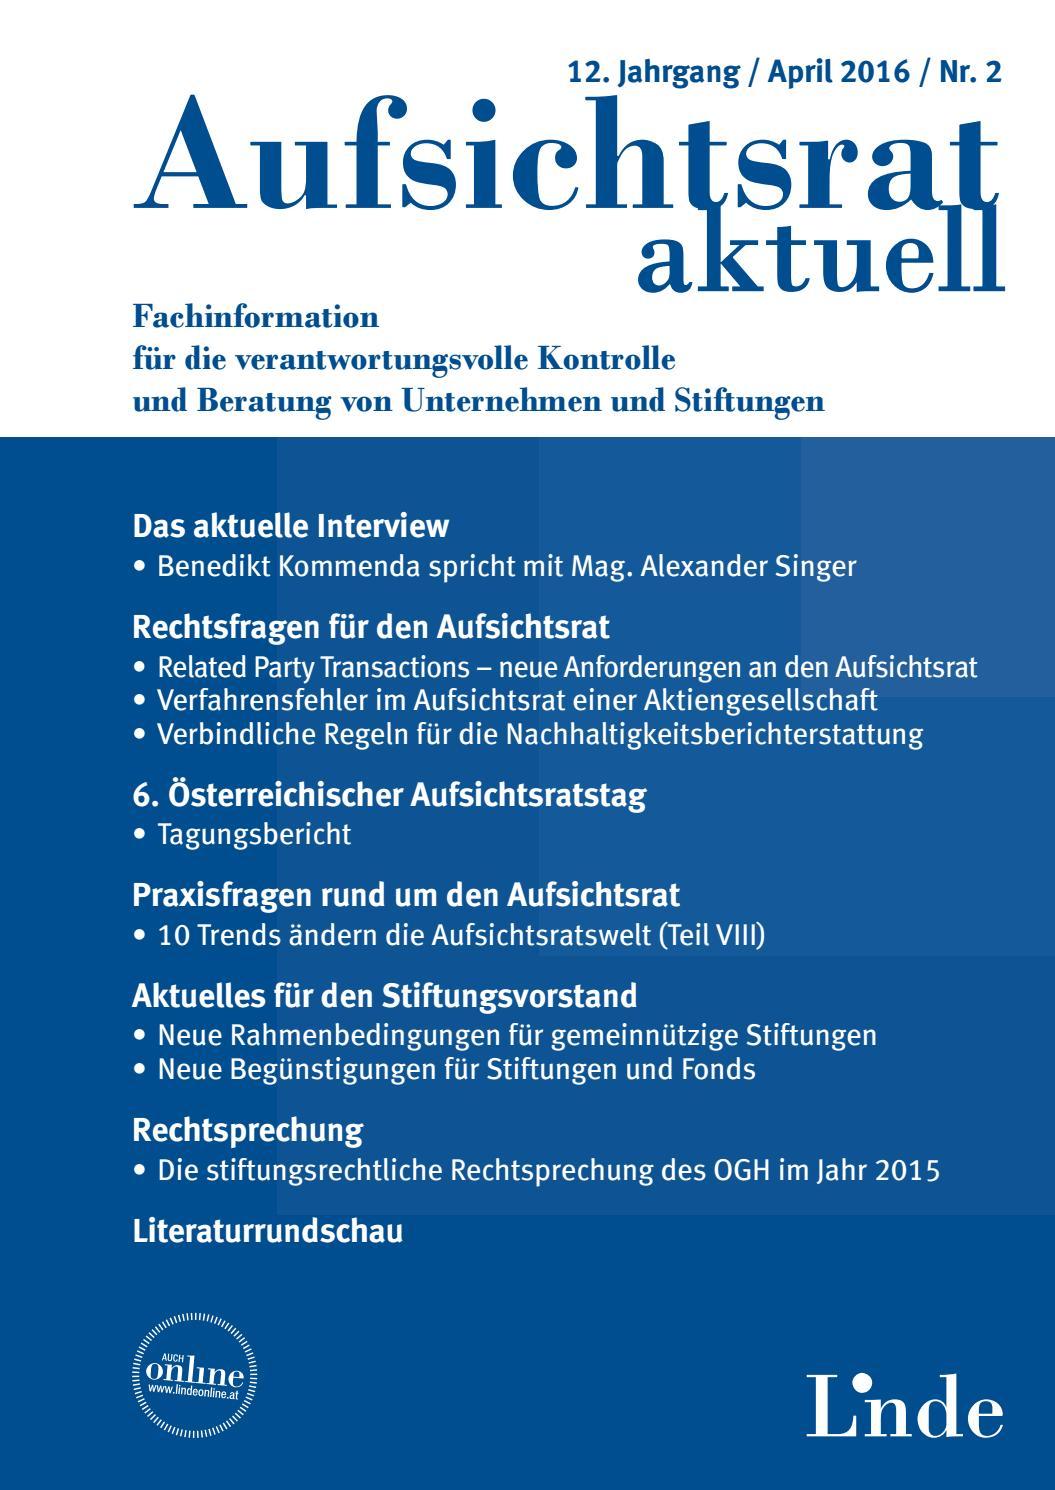 Aufsichtsrat Heft 2 2016 By Linde Verlag Gmbh Issuu